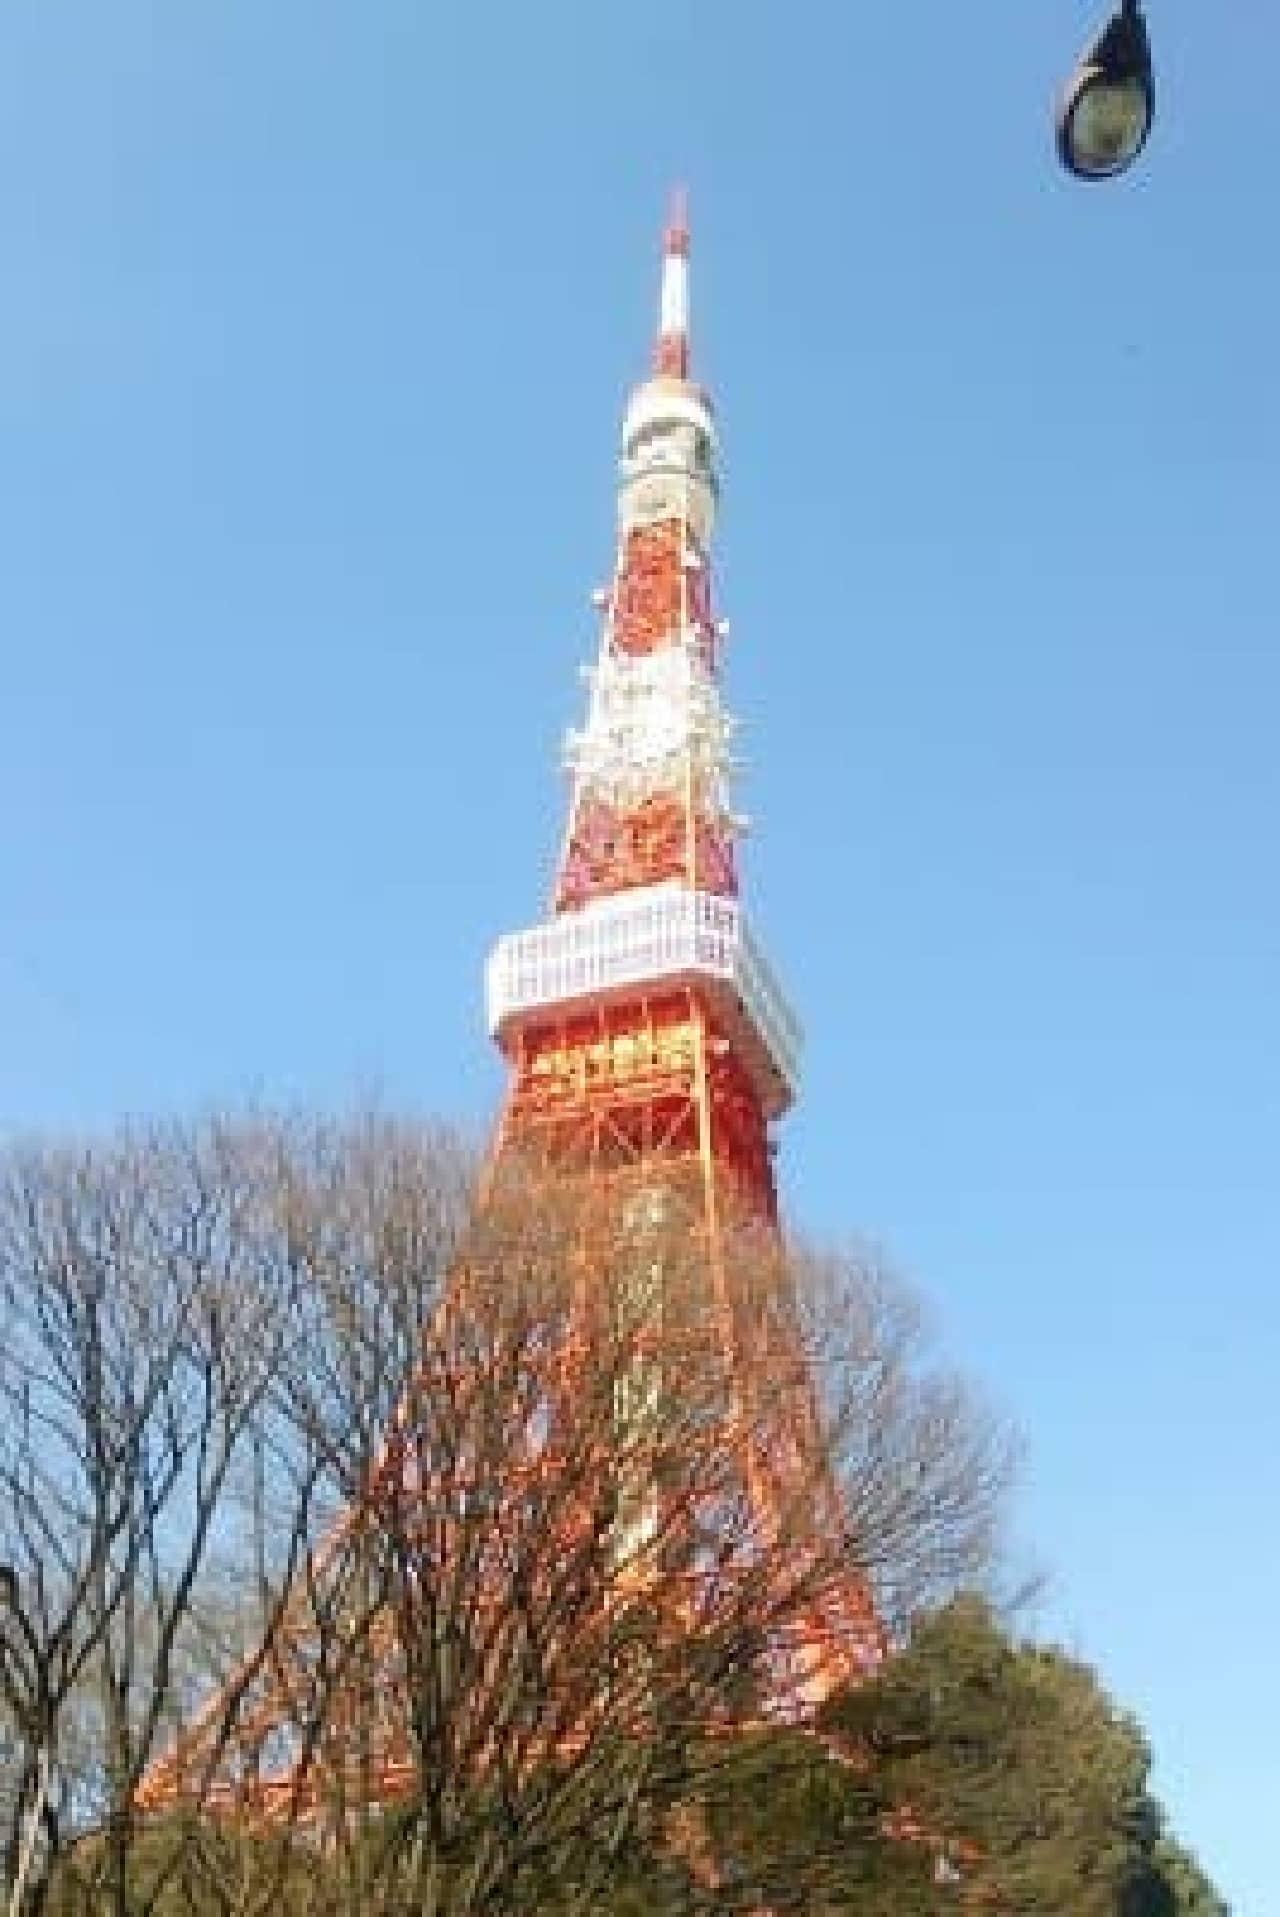 澄んだ青空と東京タワー。今日も頑張るぞ!